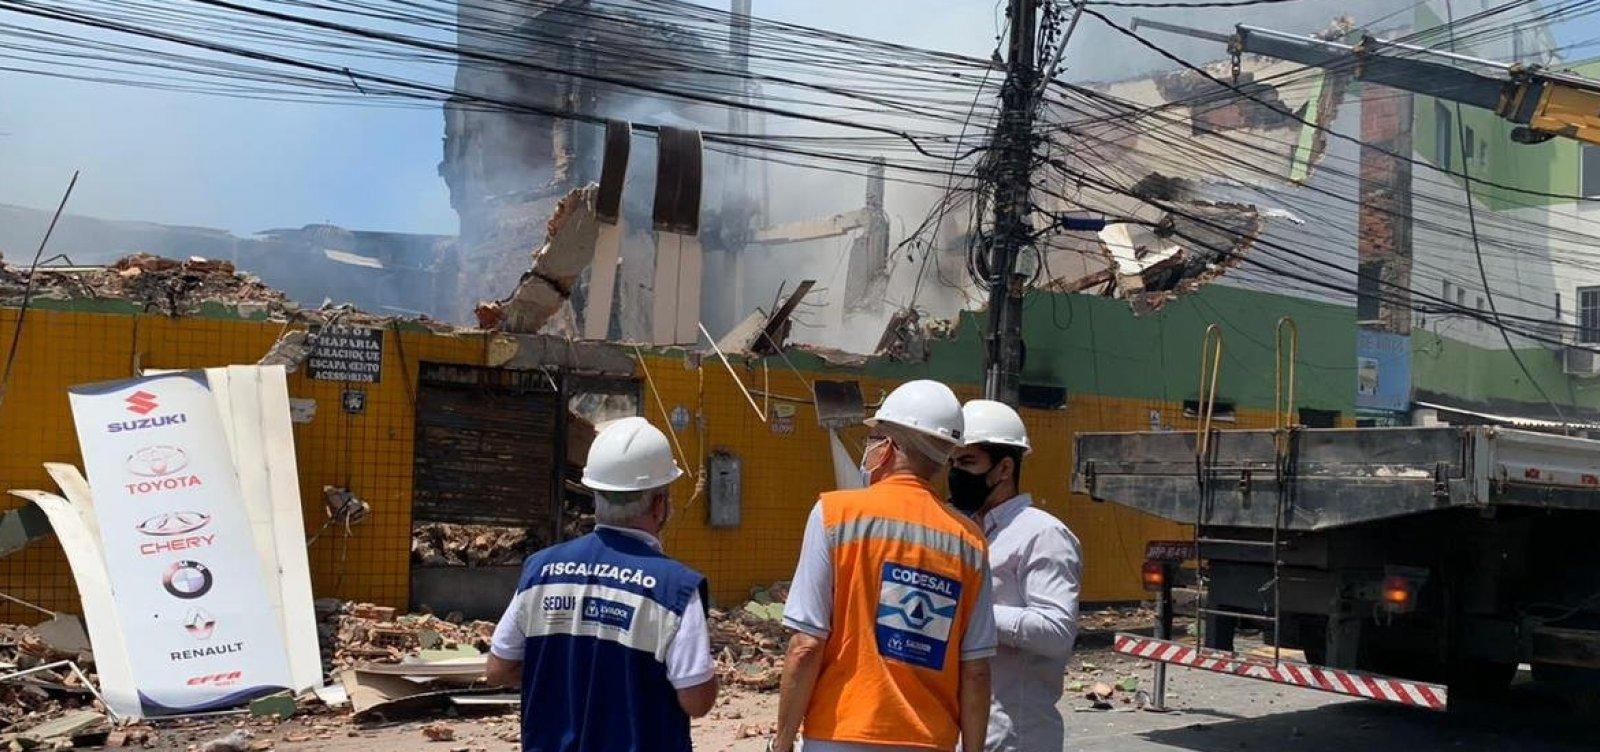 Prédio que abrigava loja incendiada na Vasco da Gama é demolido